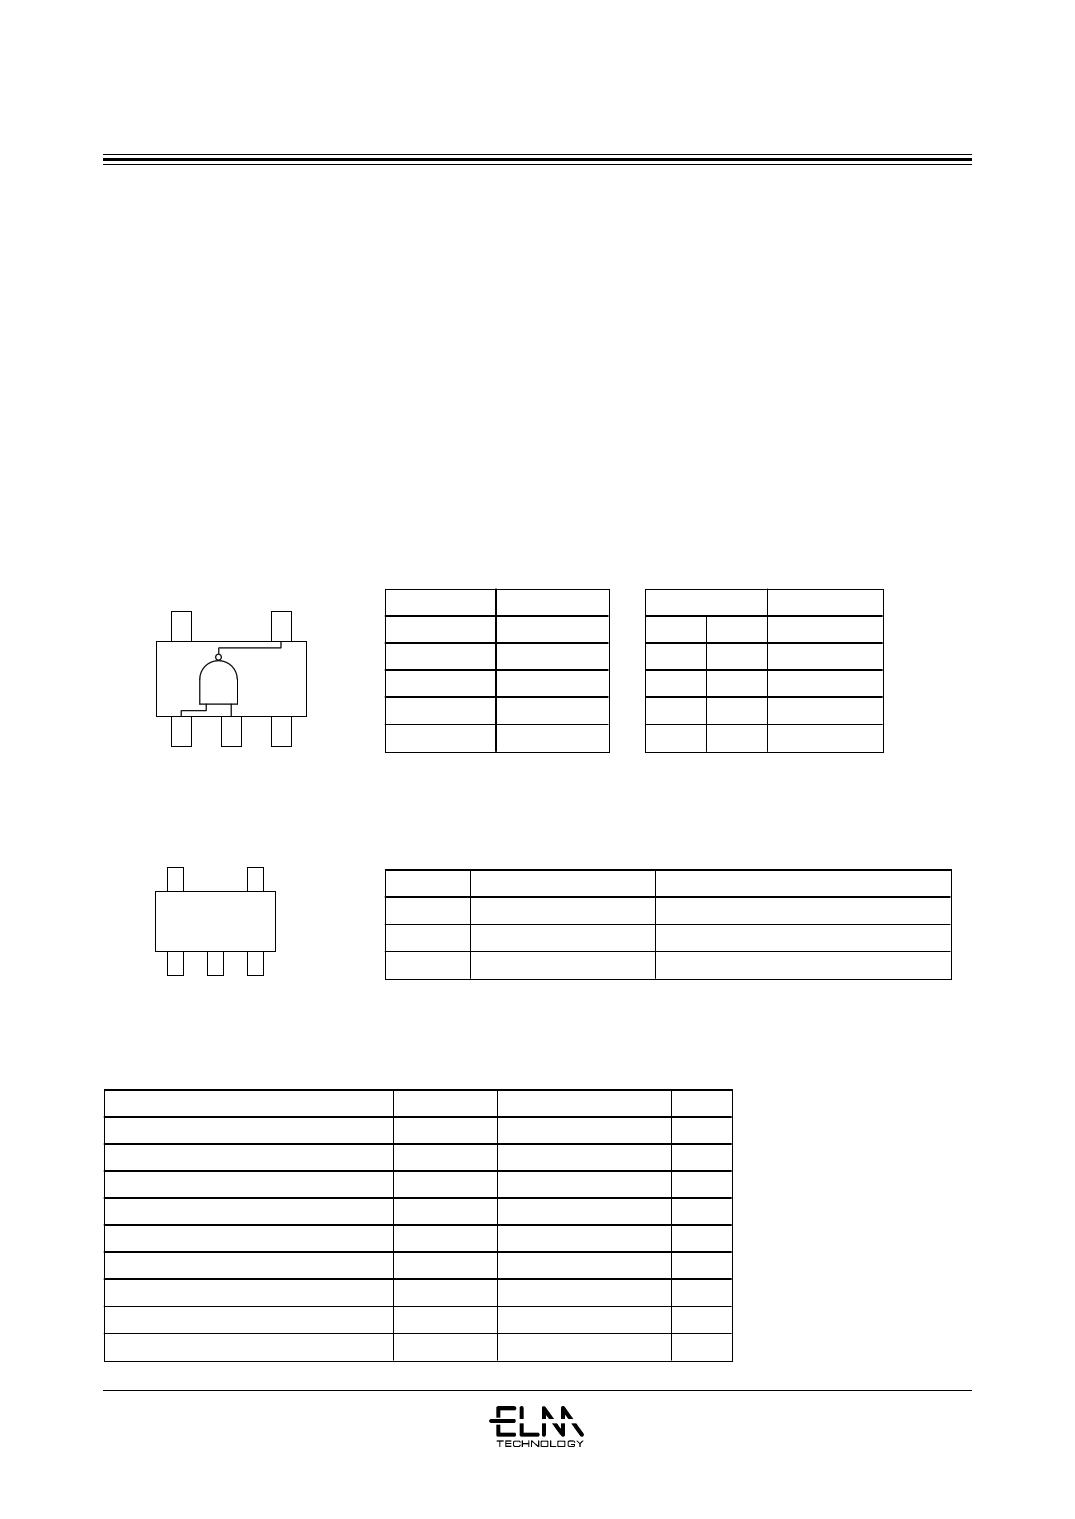 ELM7S14B pdf, ピン配列